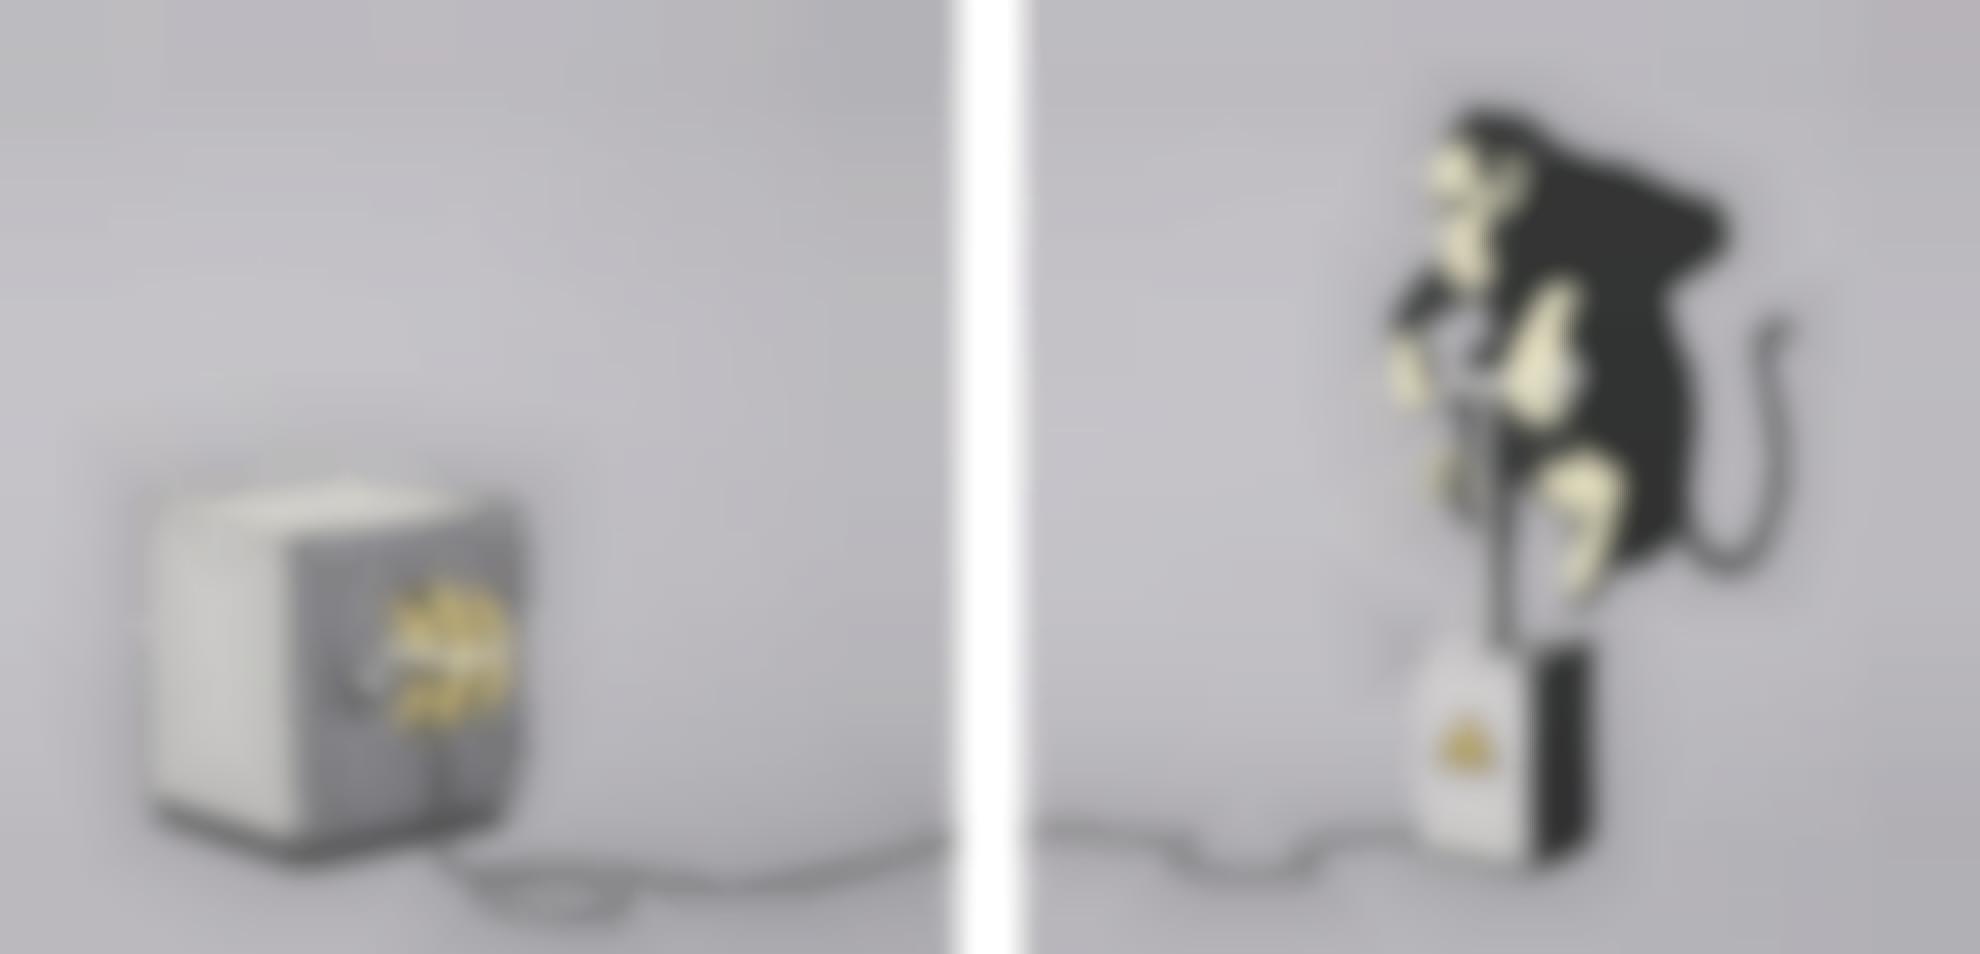 Banksy-Monkey Detonator-2002